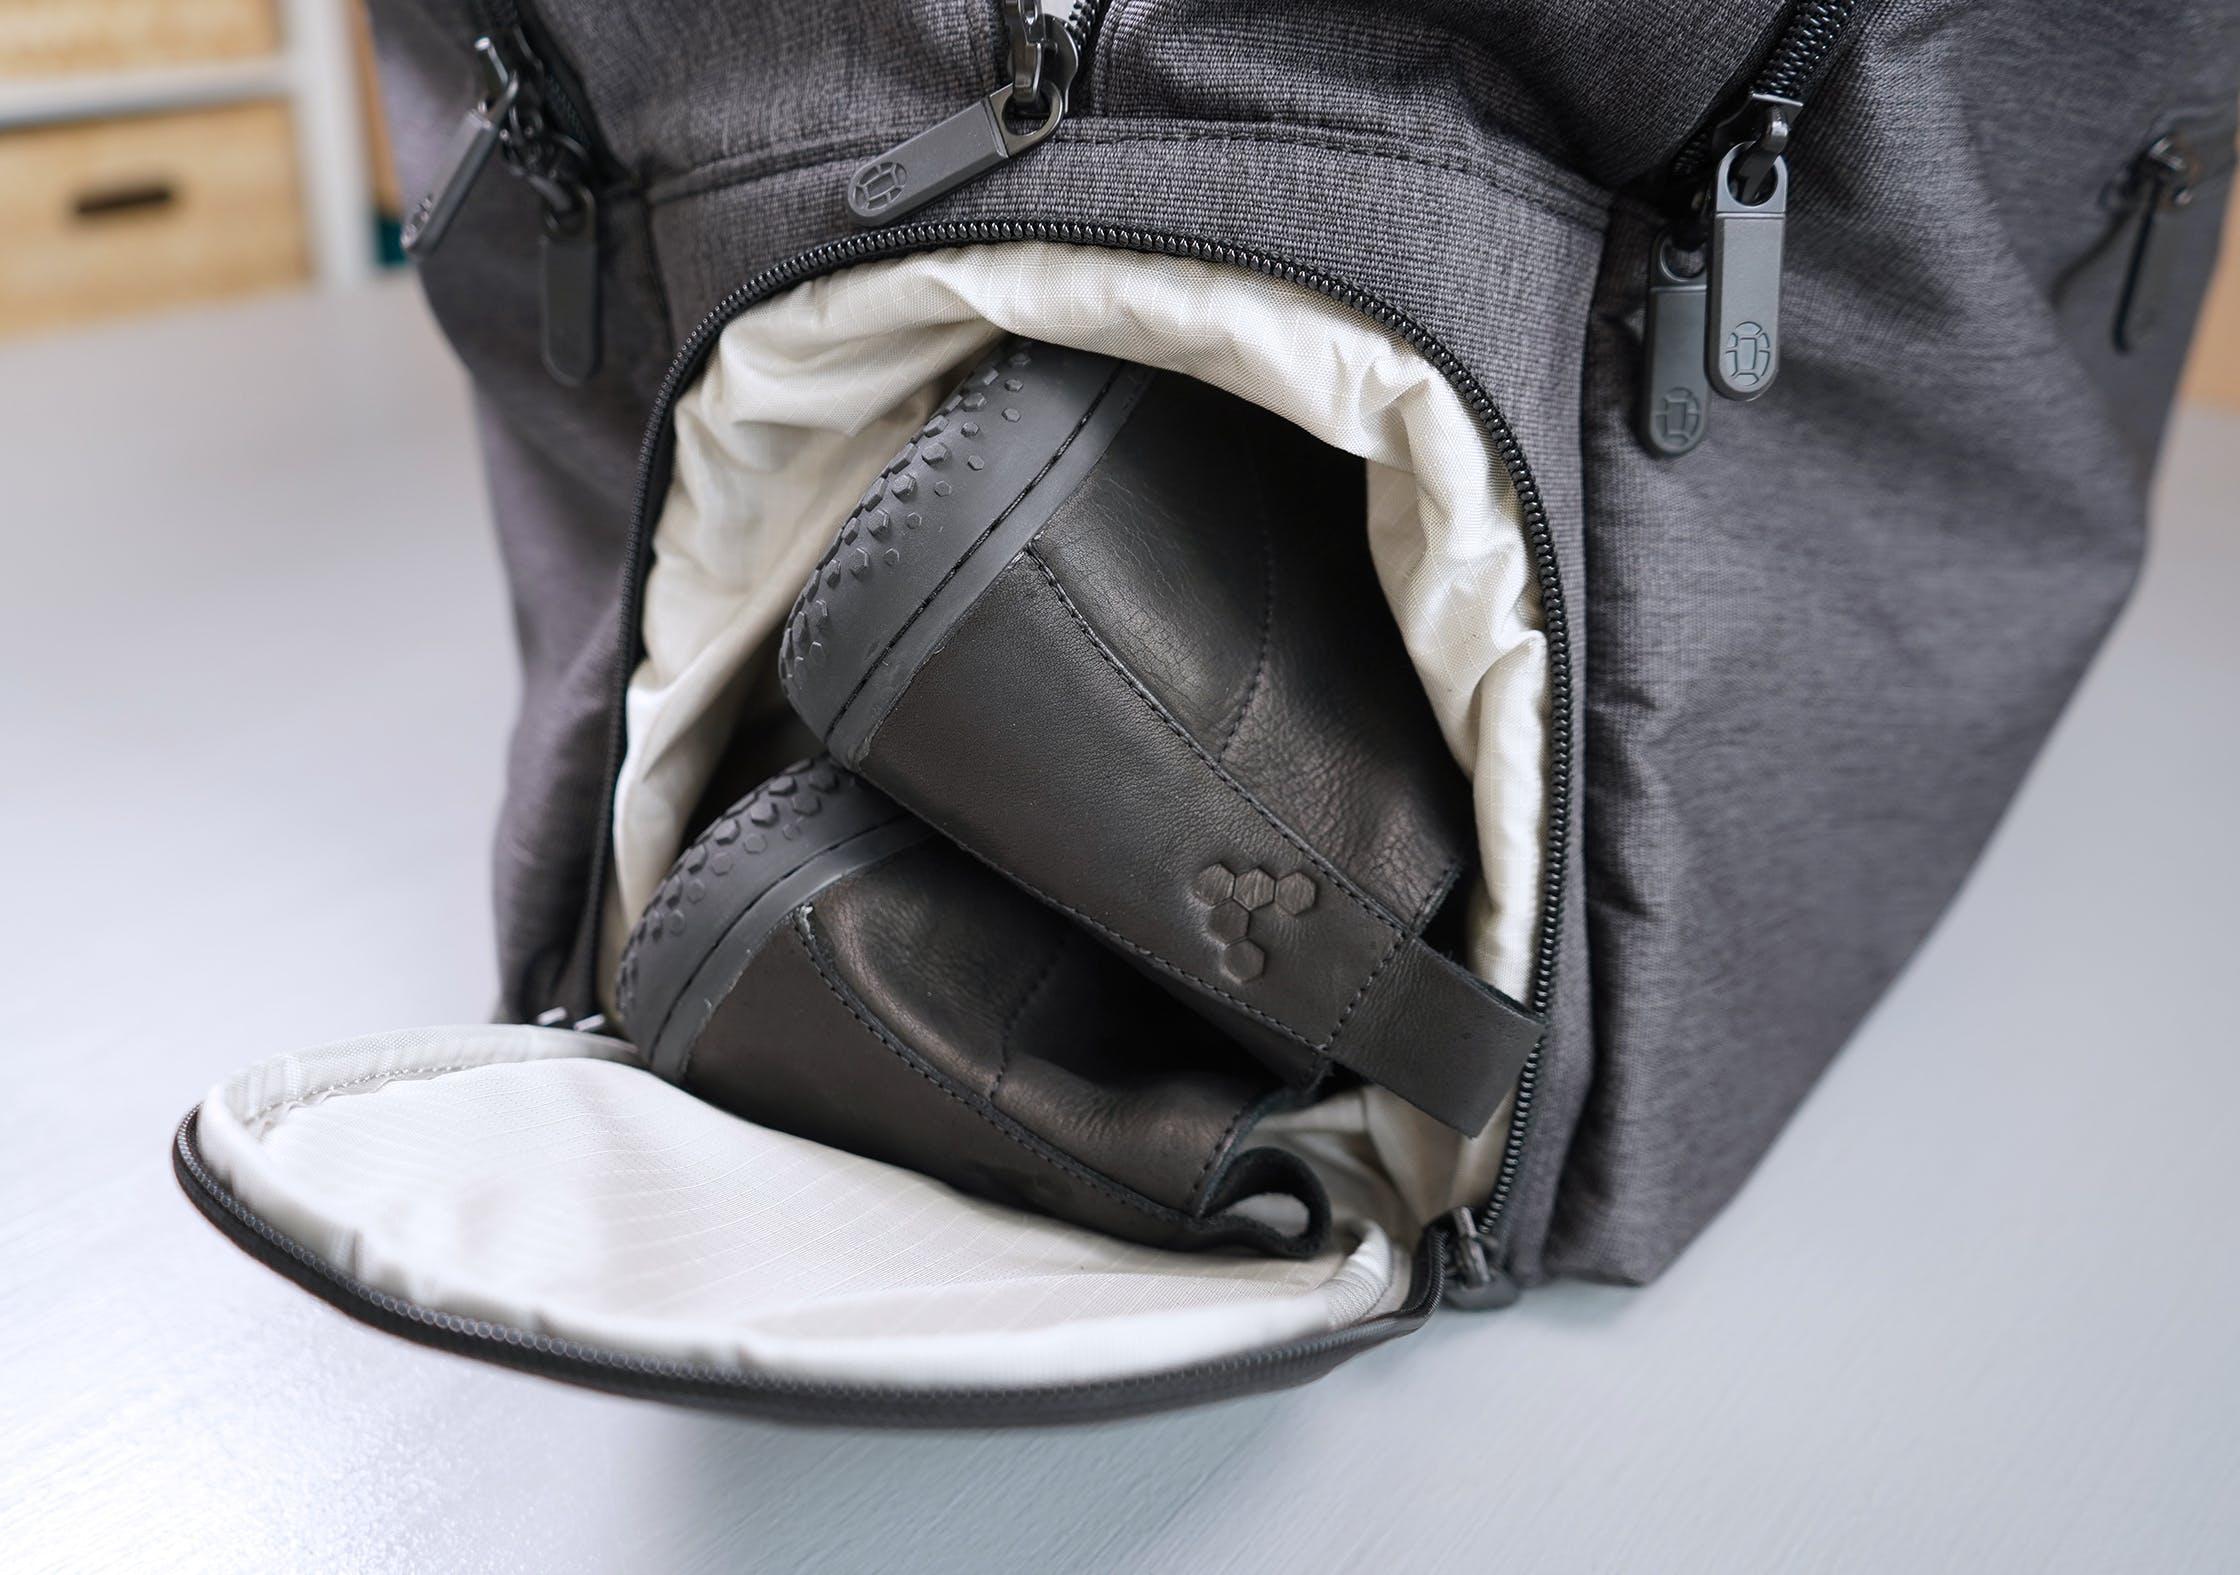 Tortuga Setout Duffle Shoe Compartment